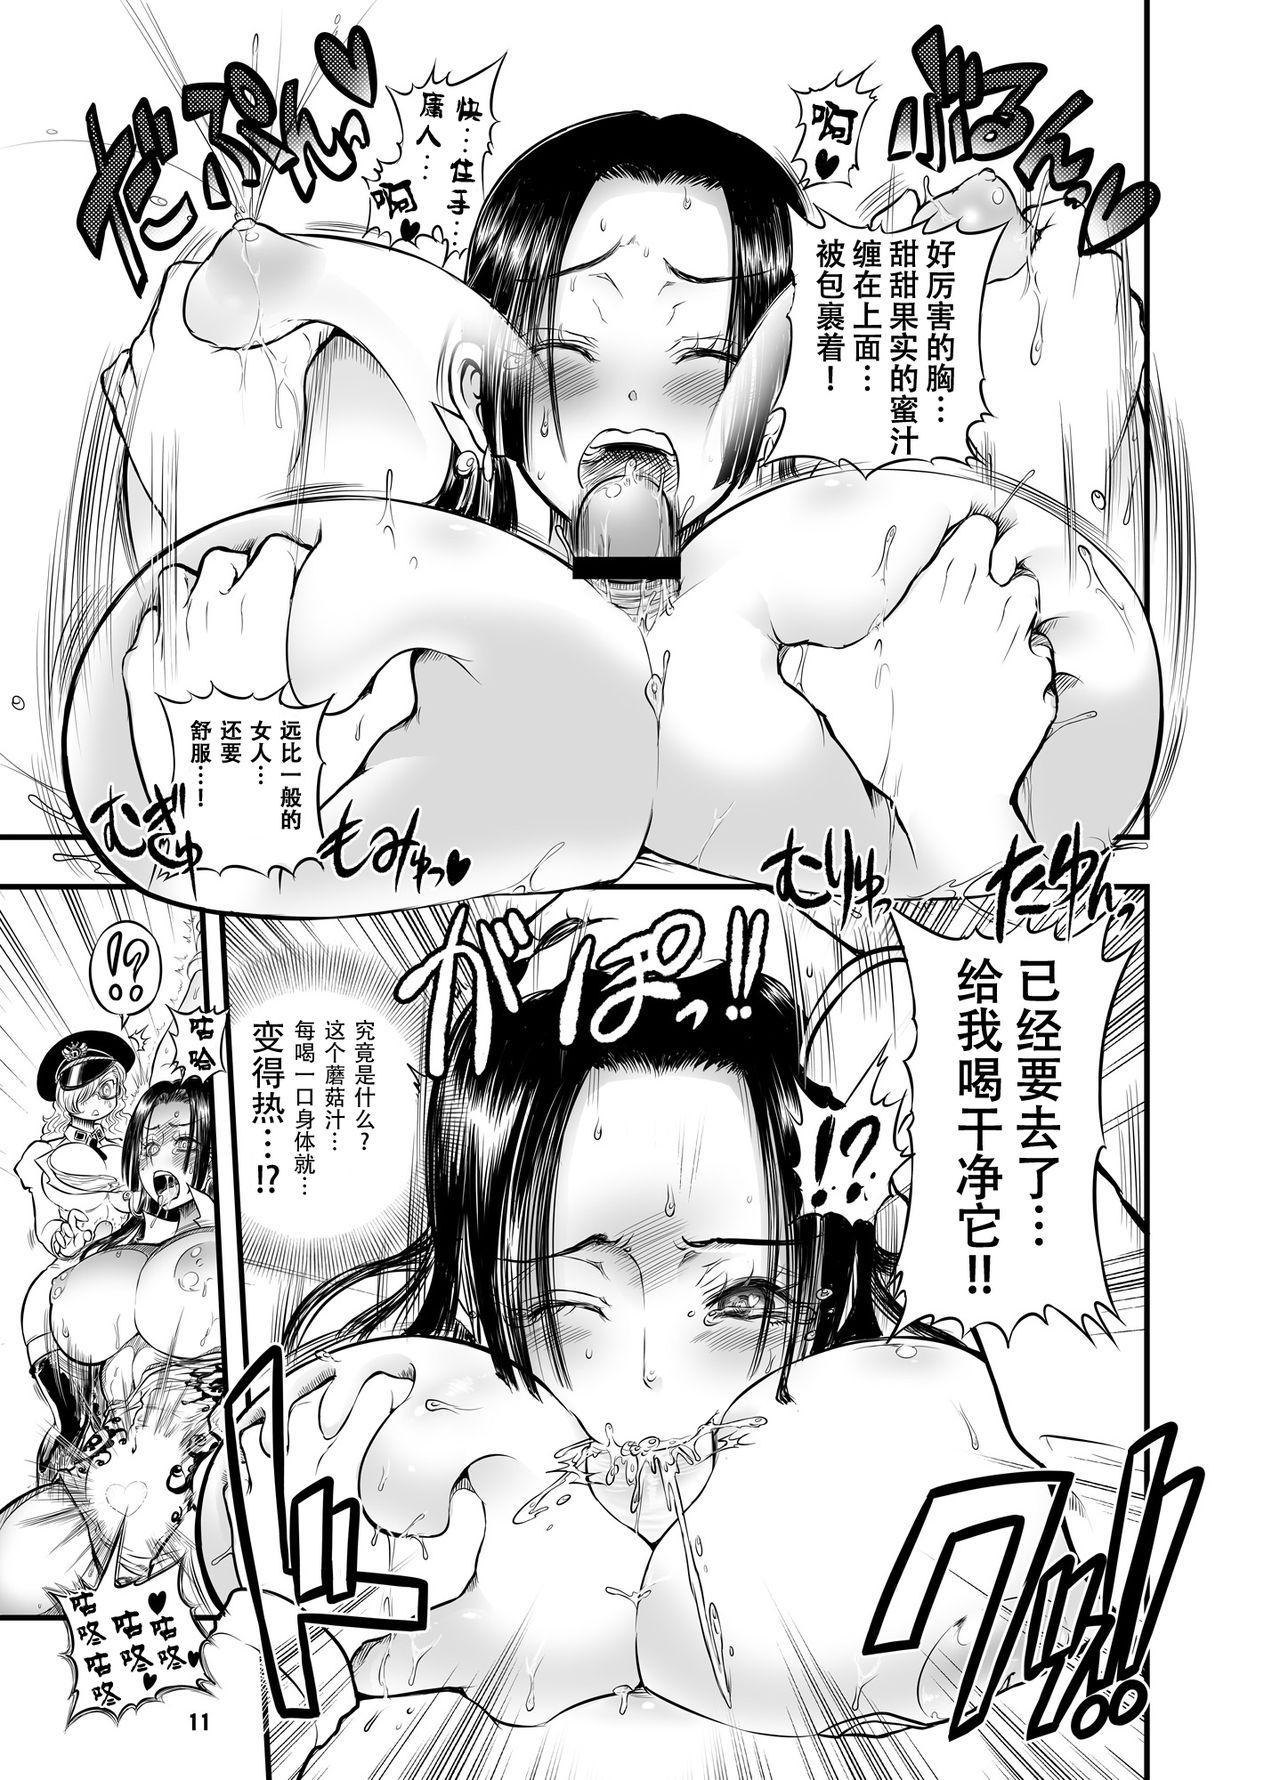 Midarezaki Kaizoku Jotei 10